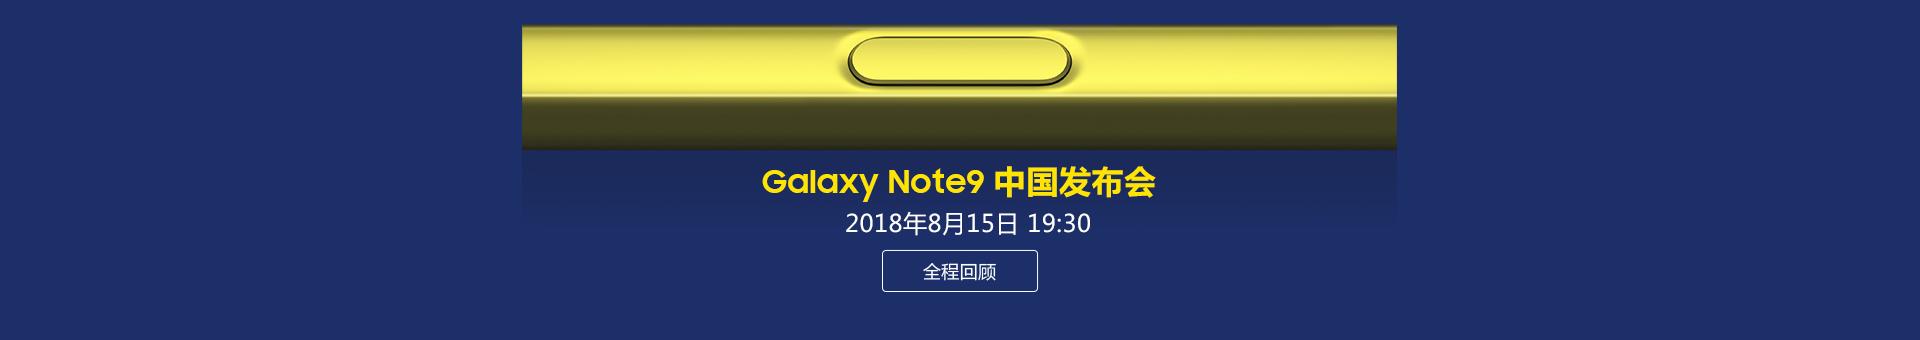 三星Galaxy Note 9中国发布会回顾